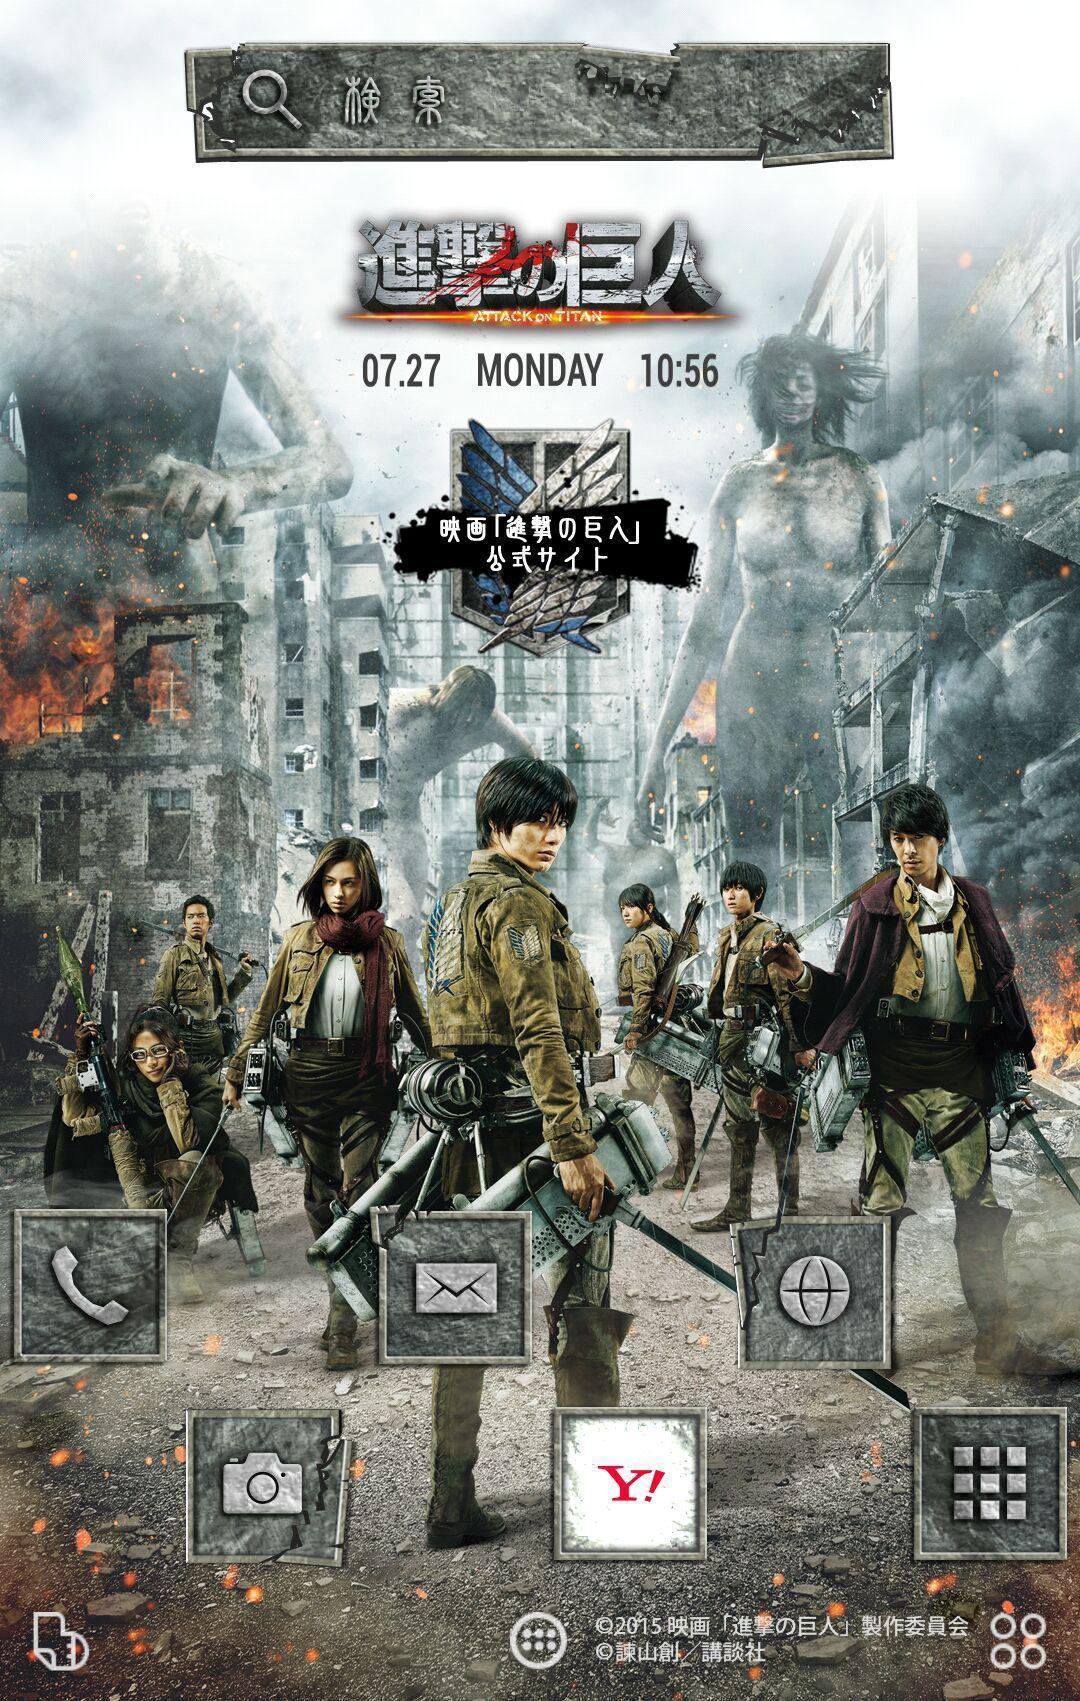 進撃の巨人 Attack On Titan 壁紙きせかえ Cho Android Tải Về Apk